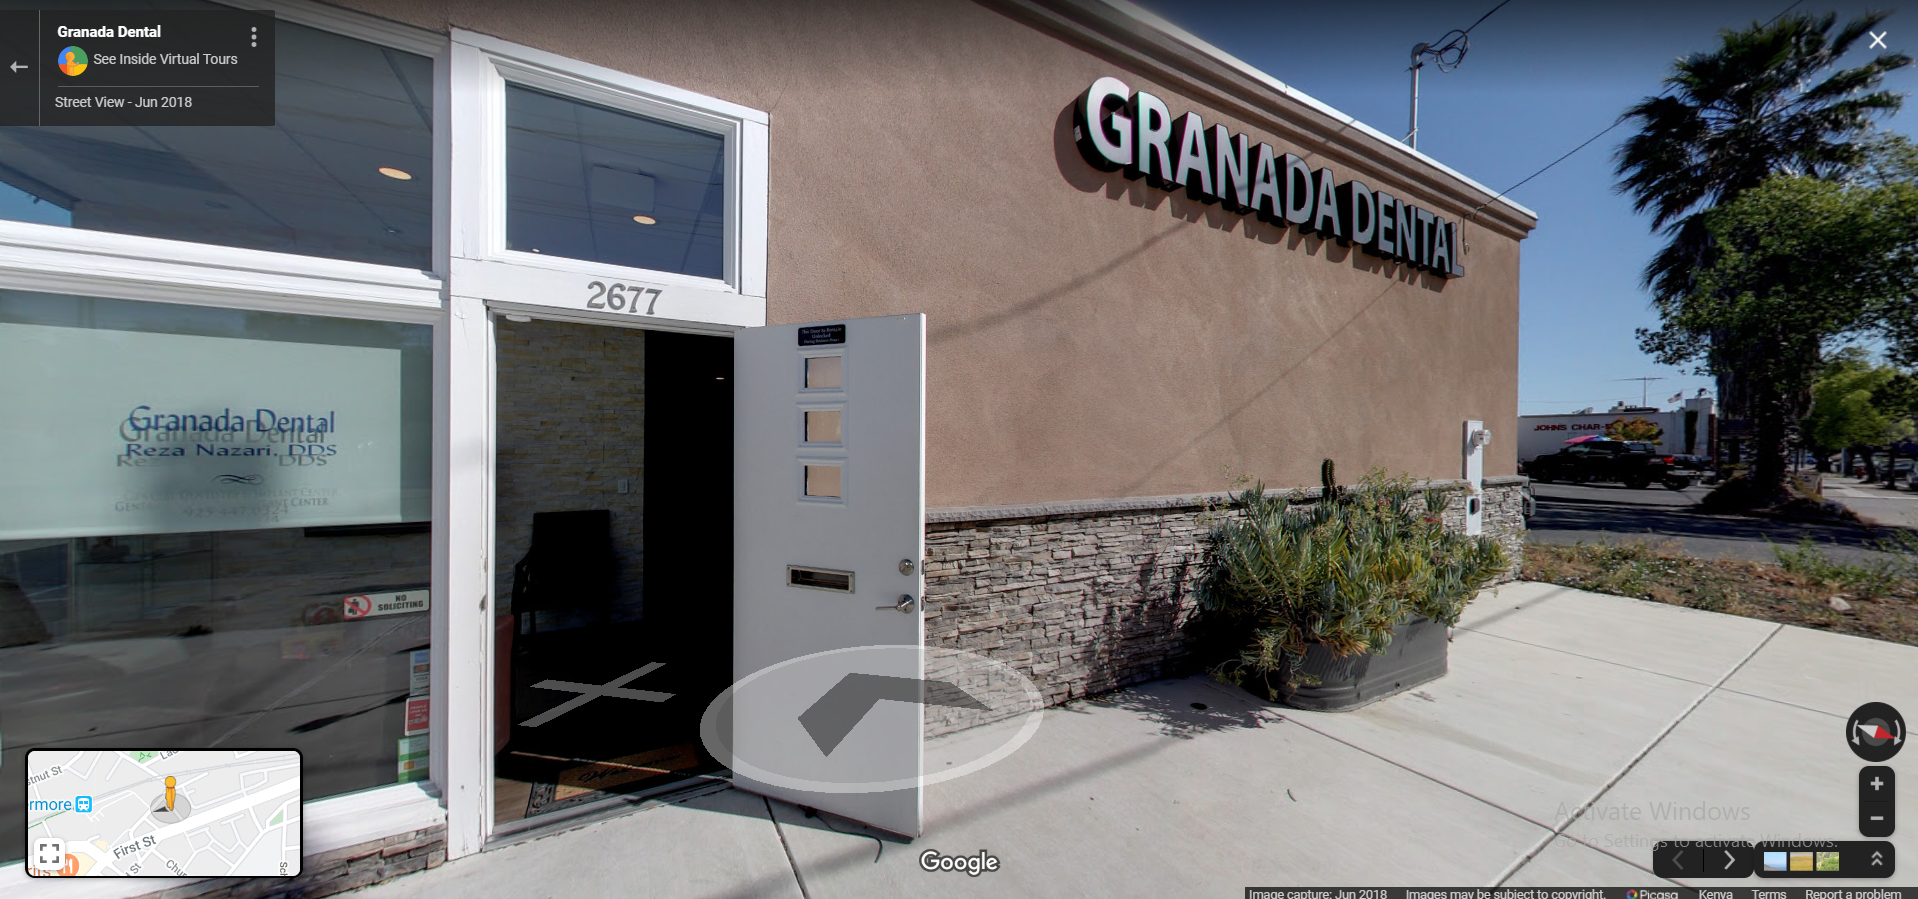 Granada Dental - Livermore